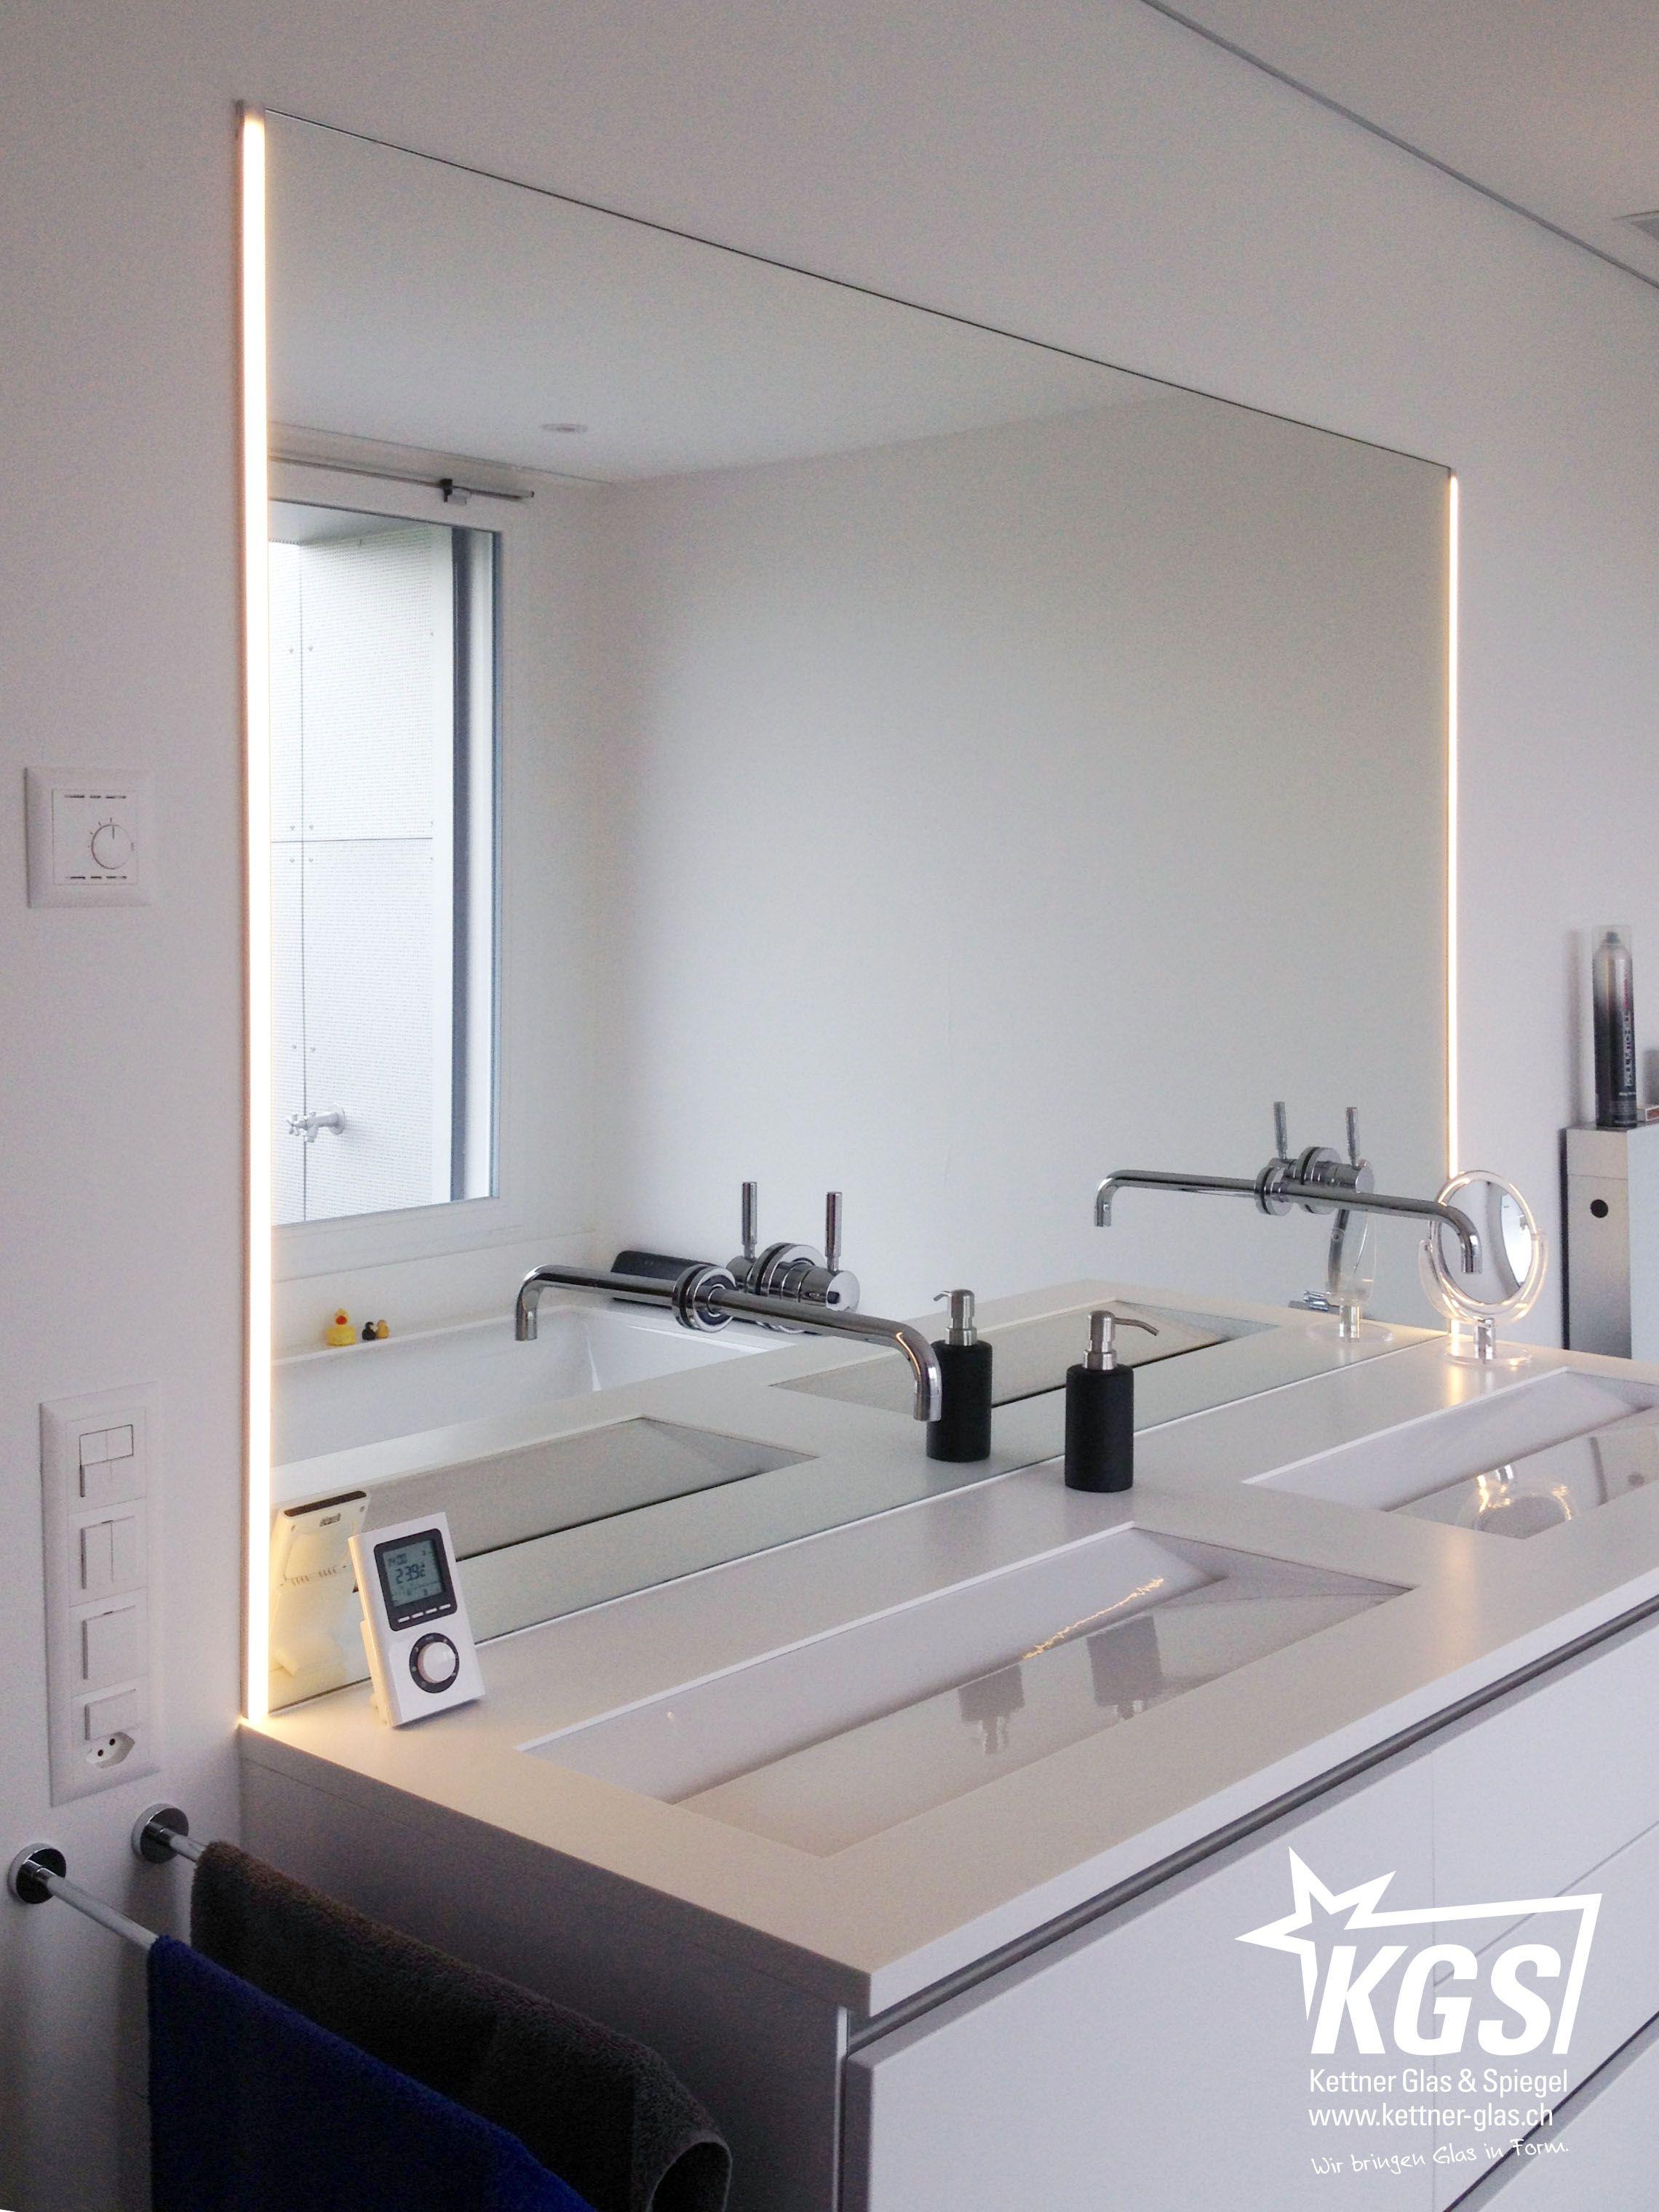 Prazise Massaufnahme War Bei Diesem Badezimmerspiegel Entscheident Gab Es Doch 6 Fixpunkte Welche Badezimmerspiegel Badezimmer Badezimmerspiegel Beleuchtung